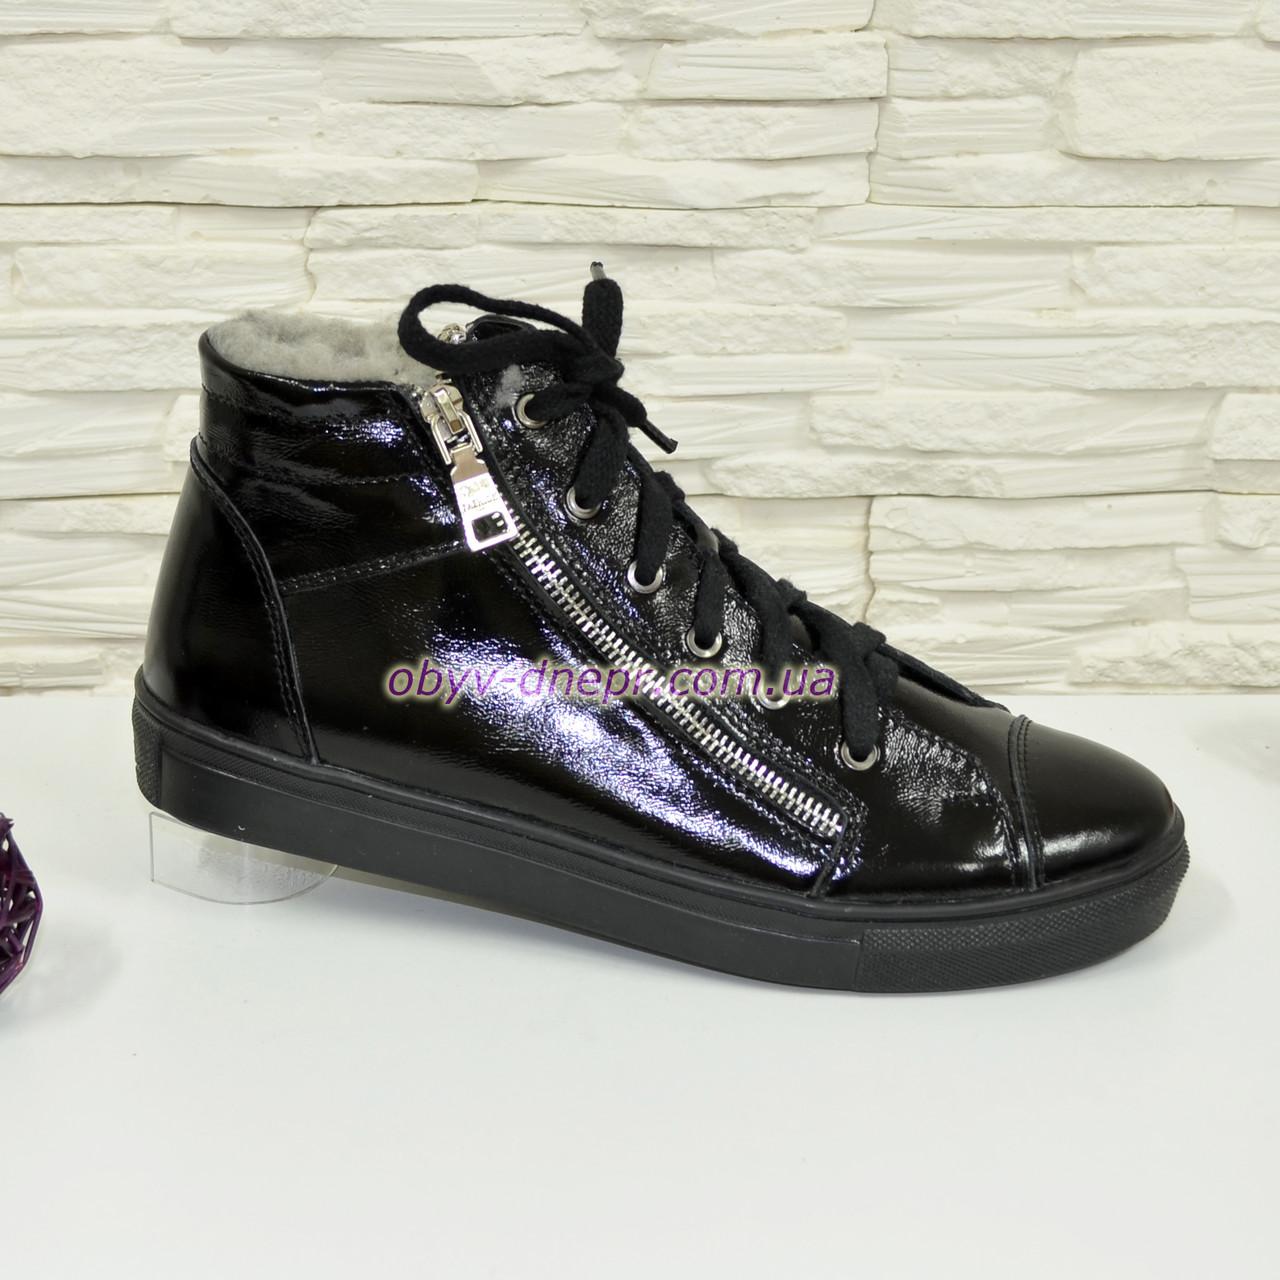 Ботинки женские  , из натуральной лаковой кожи черного цвета, на плоской подошве